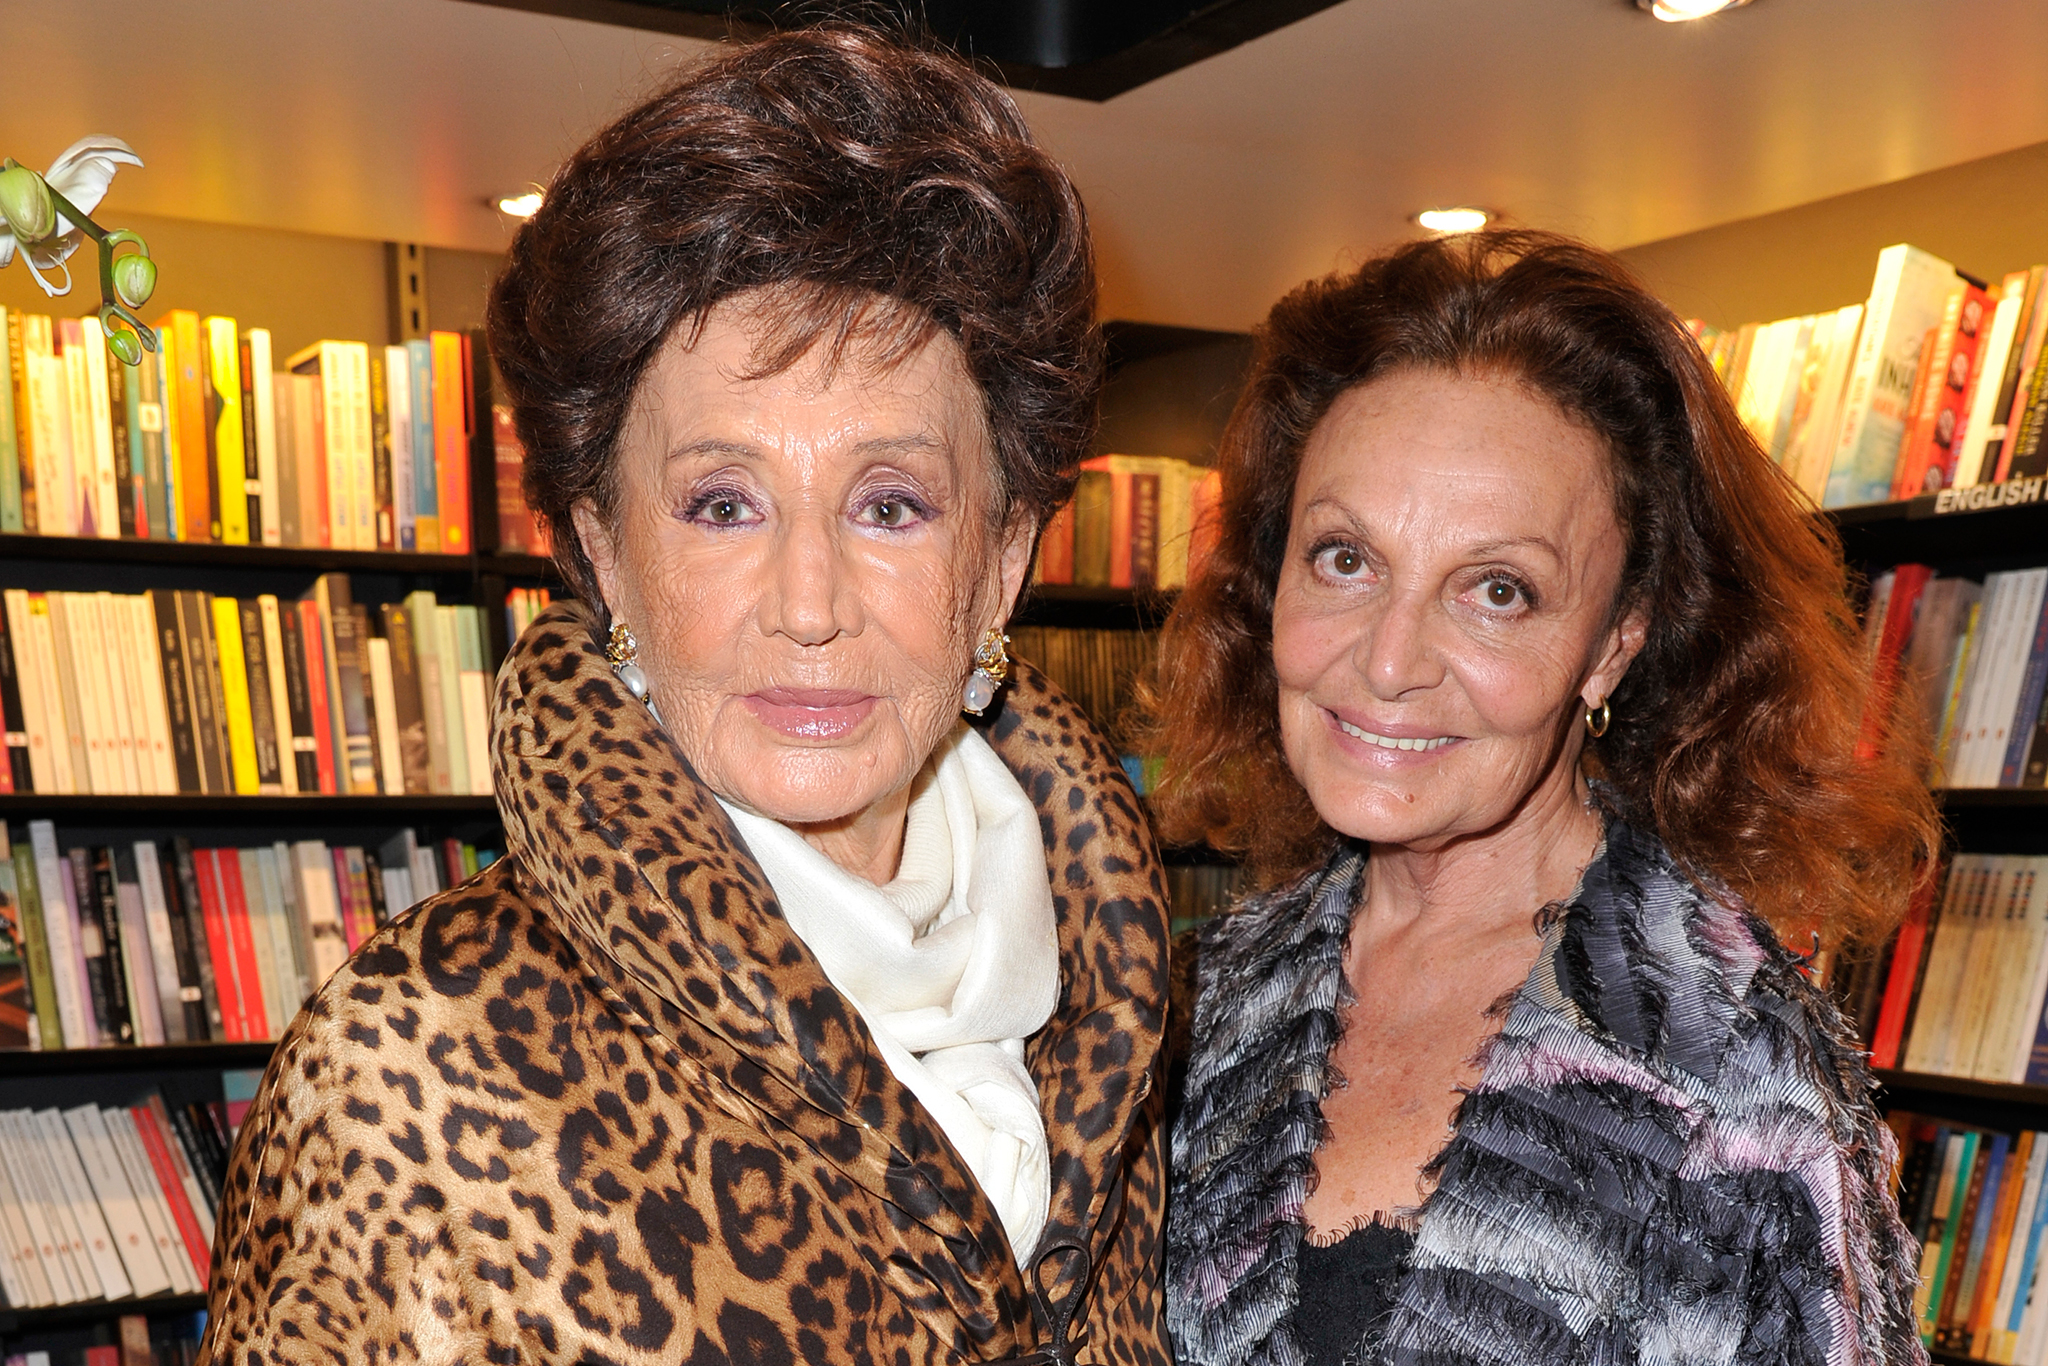 Jacqueline de Ribes and Diane von Furstenberg